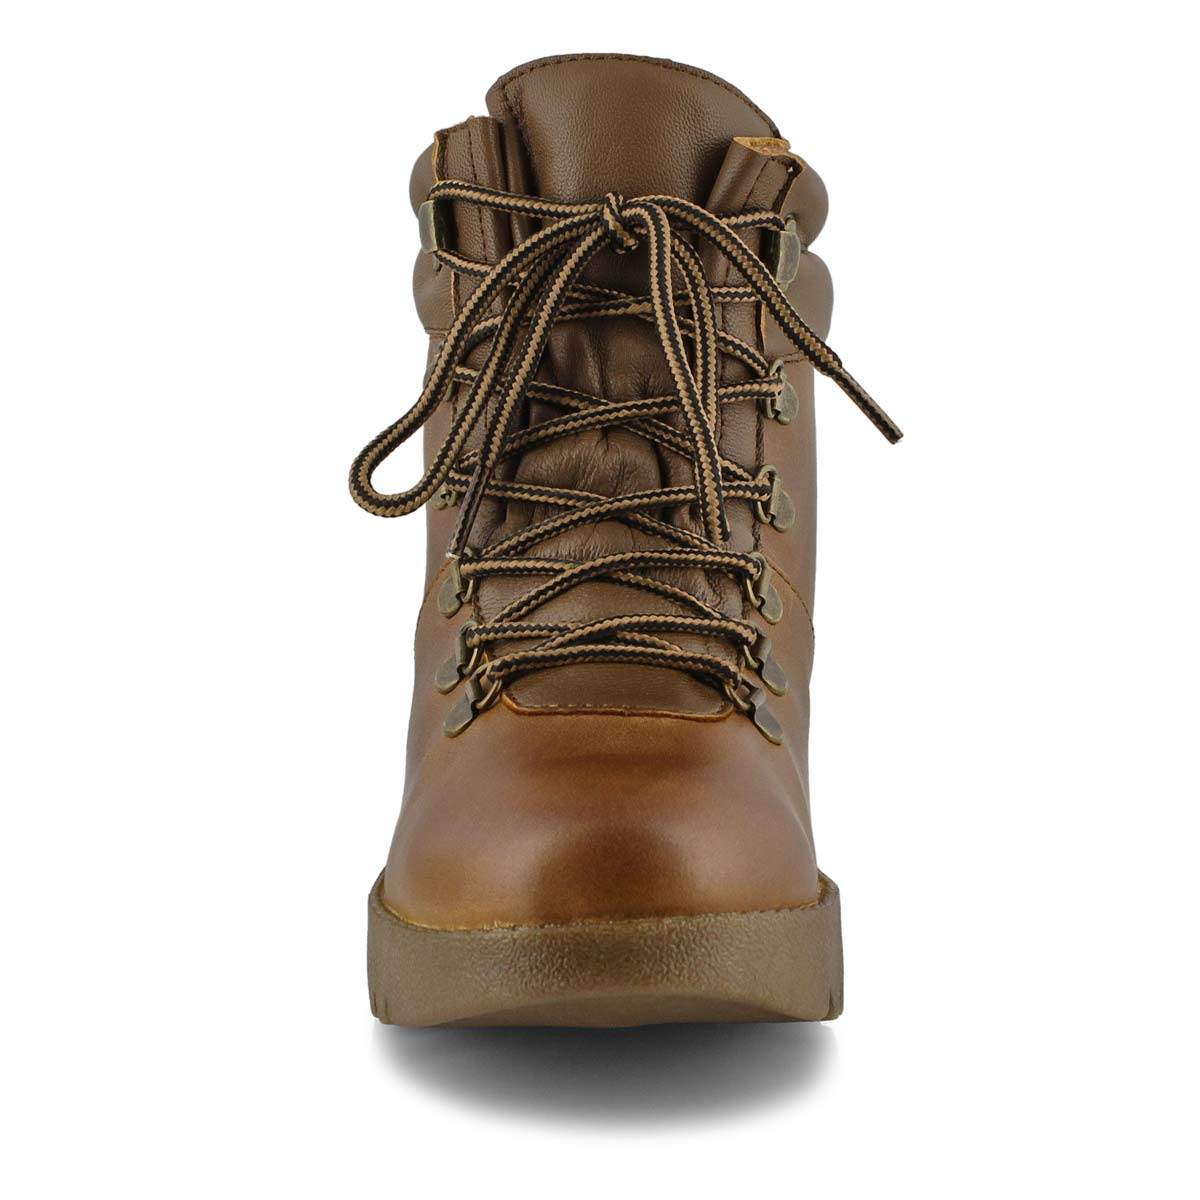 Women's PRESCOTT butternut waterproof winter boots